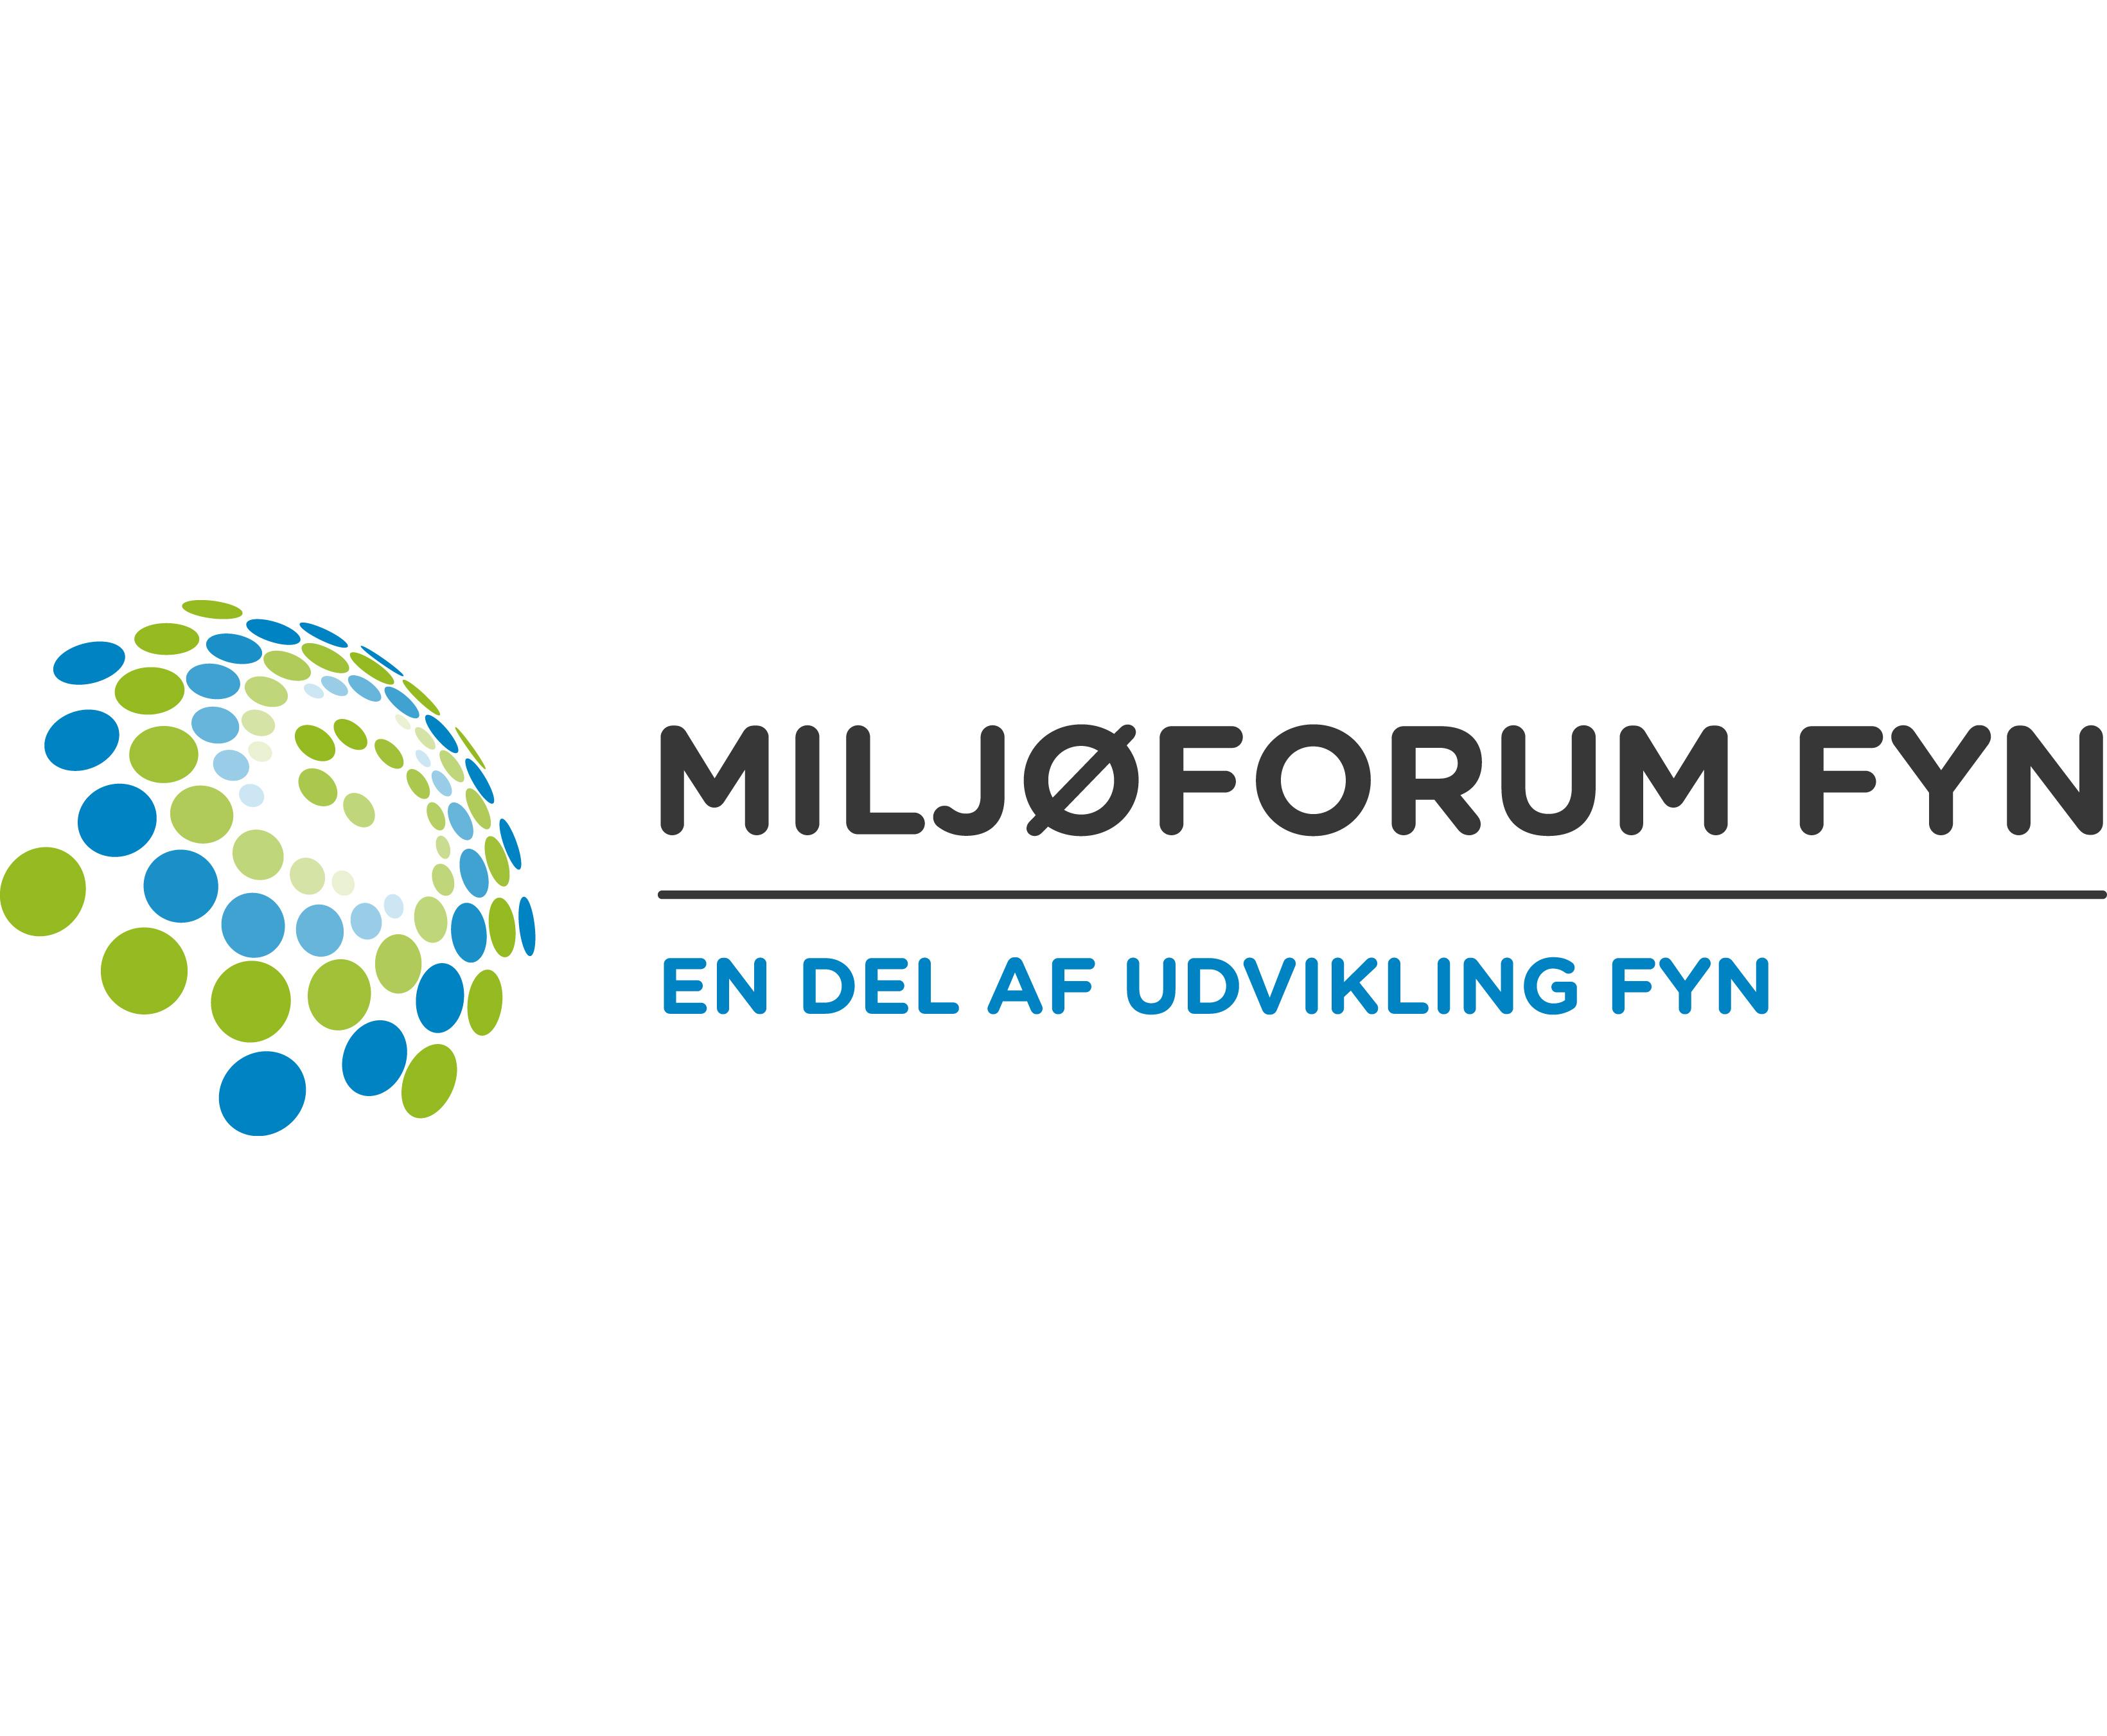 MiljoeForum-Fyn